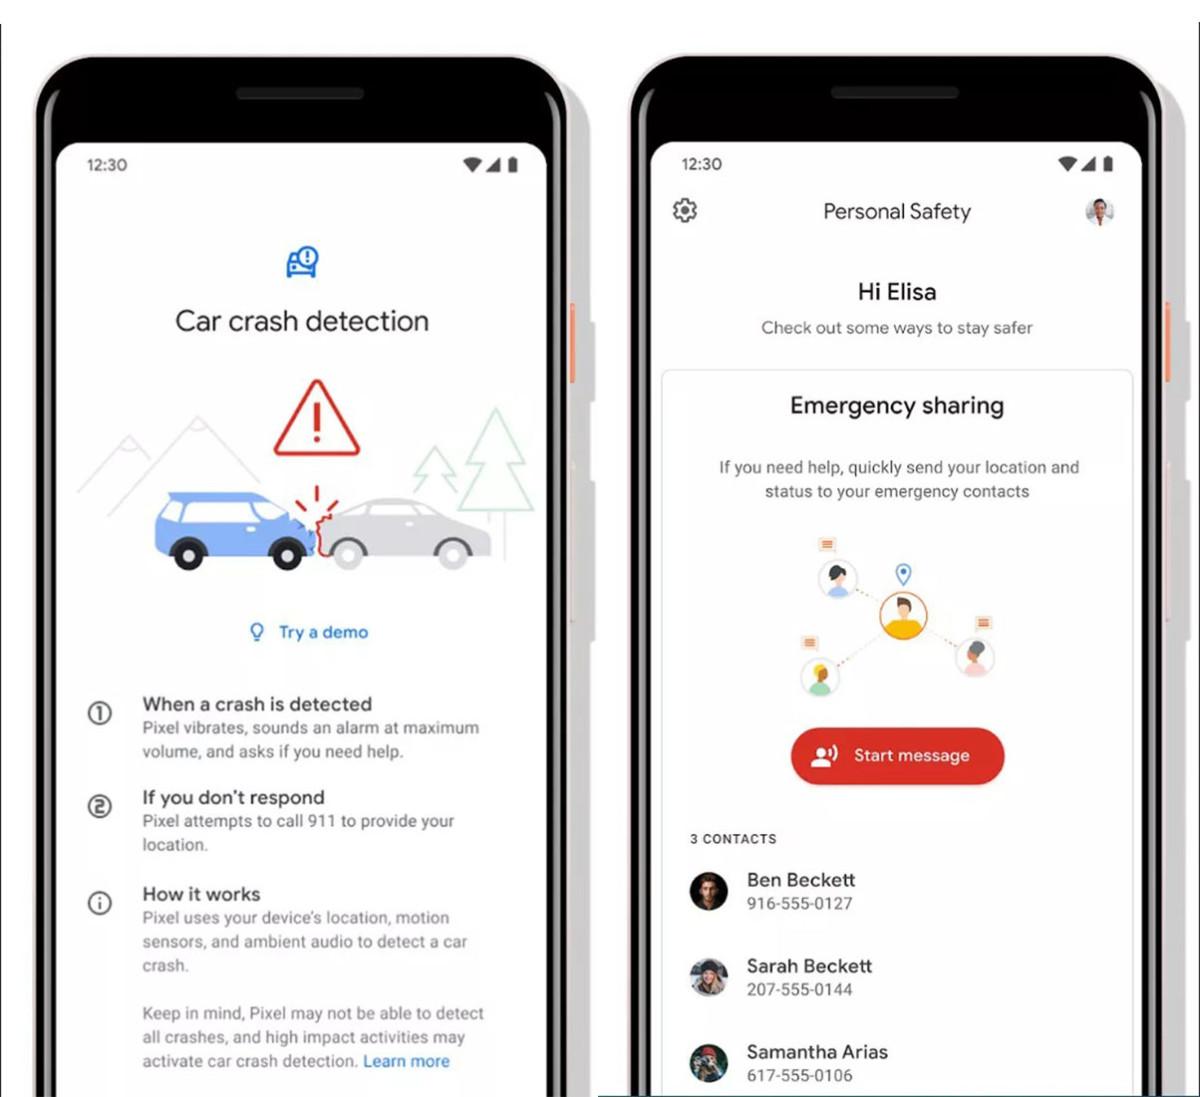 Google prépare une application Personal Safety capable de savoir quand l'utilisateur subit un accident de voiture et qui peut appeler les urgences en cas de danger. Le service devrait sans doute apparaître en même temps que les Pixel 4 et Pixel 4 XL.